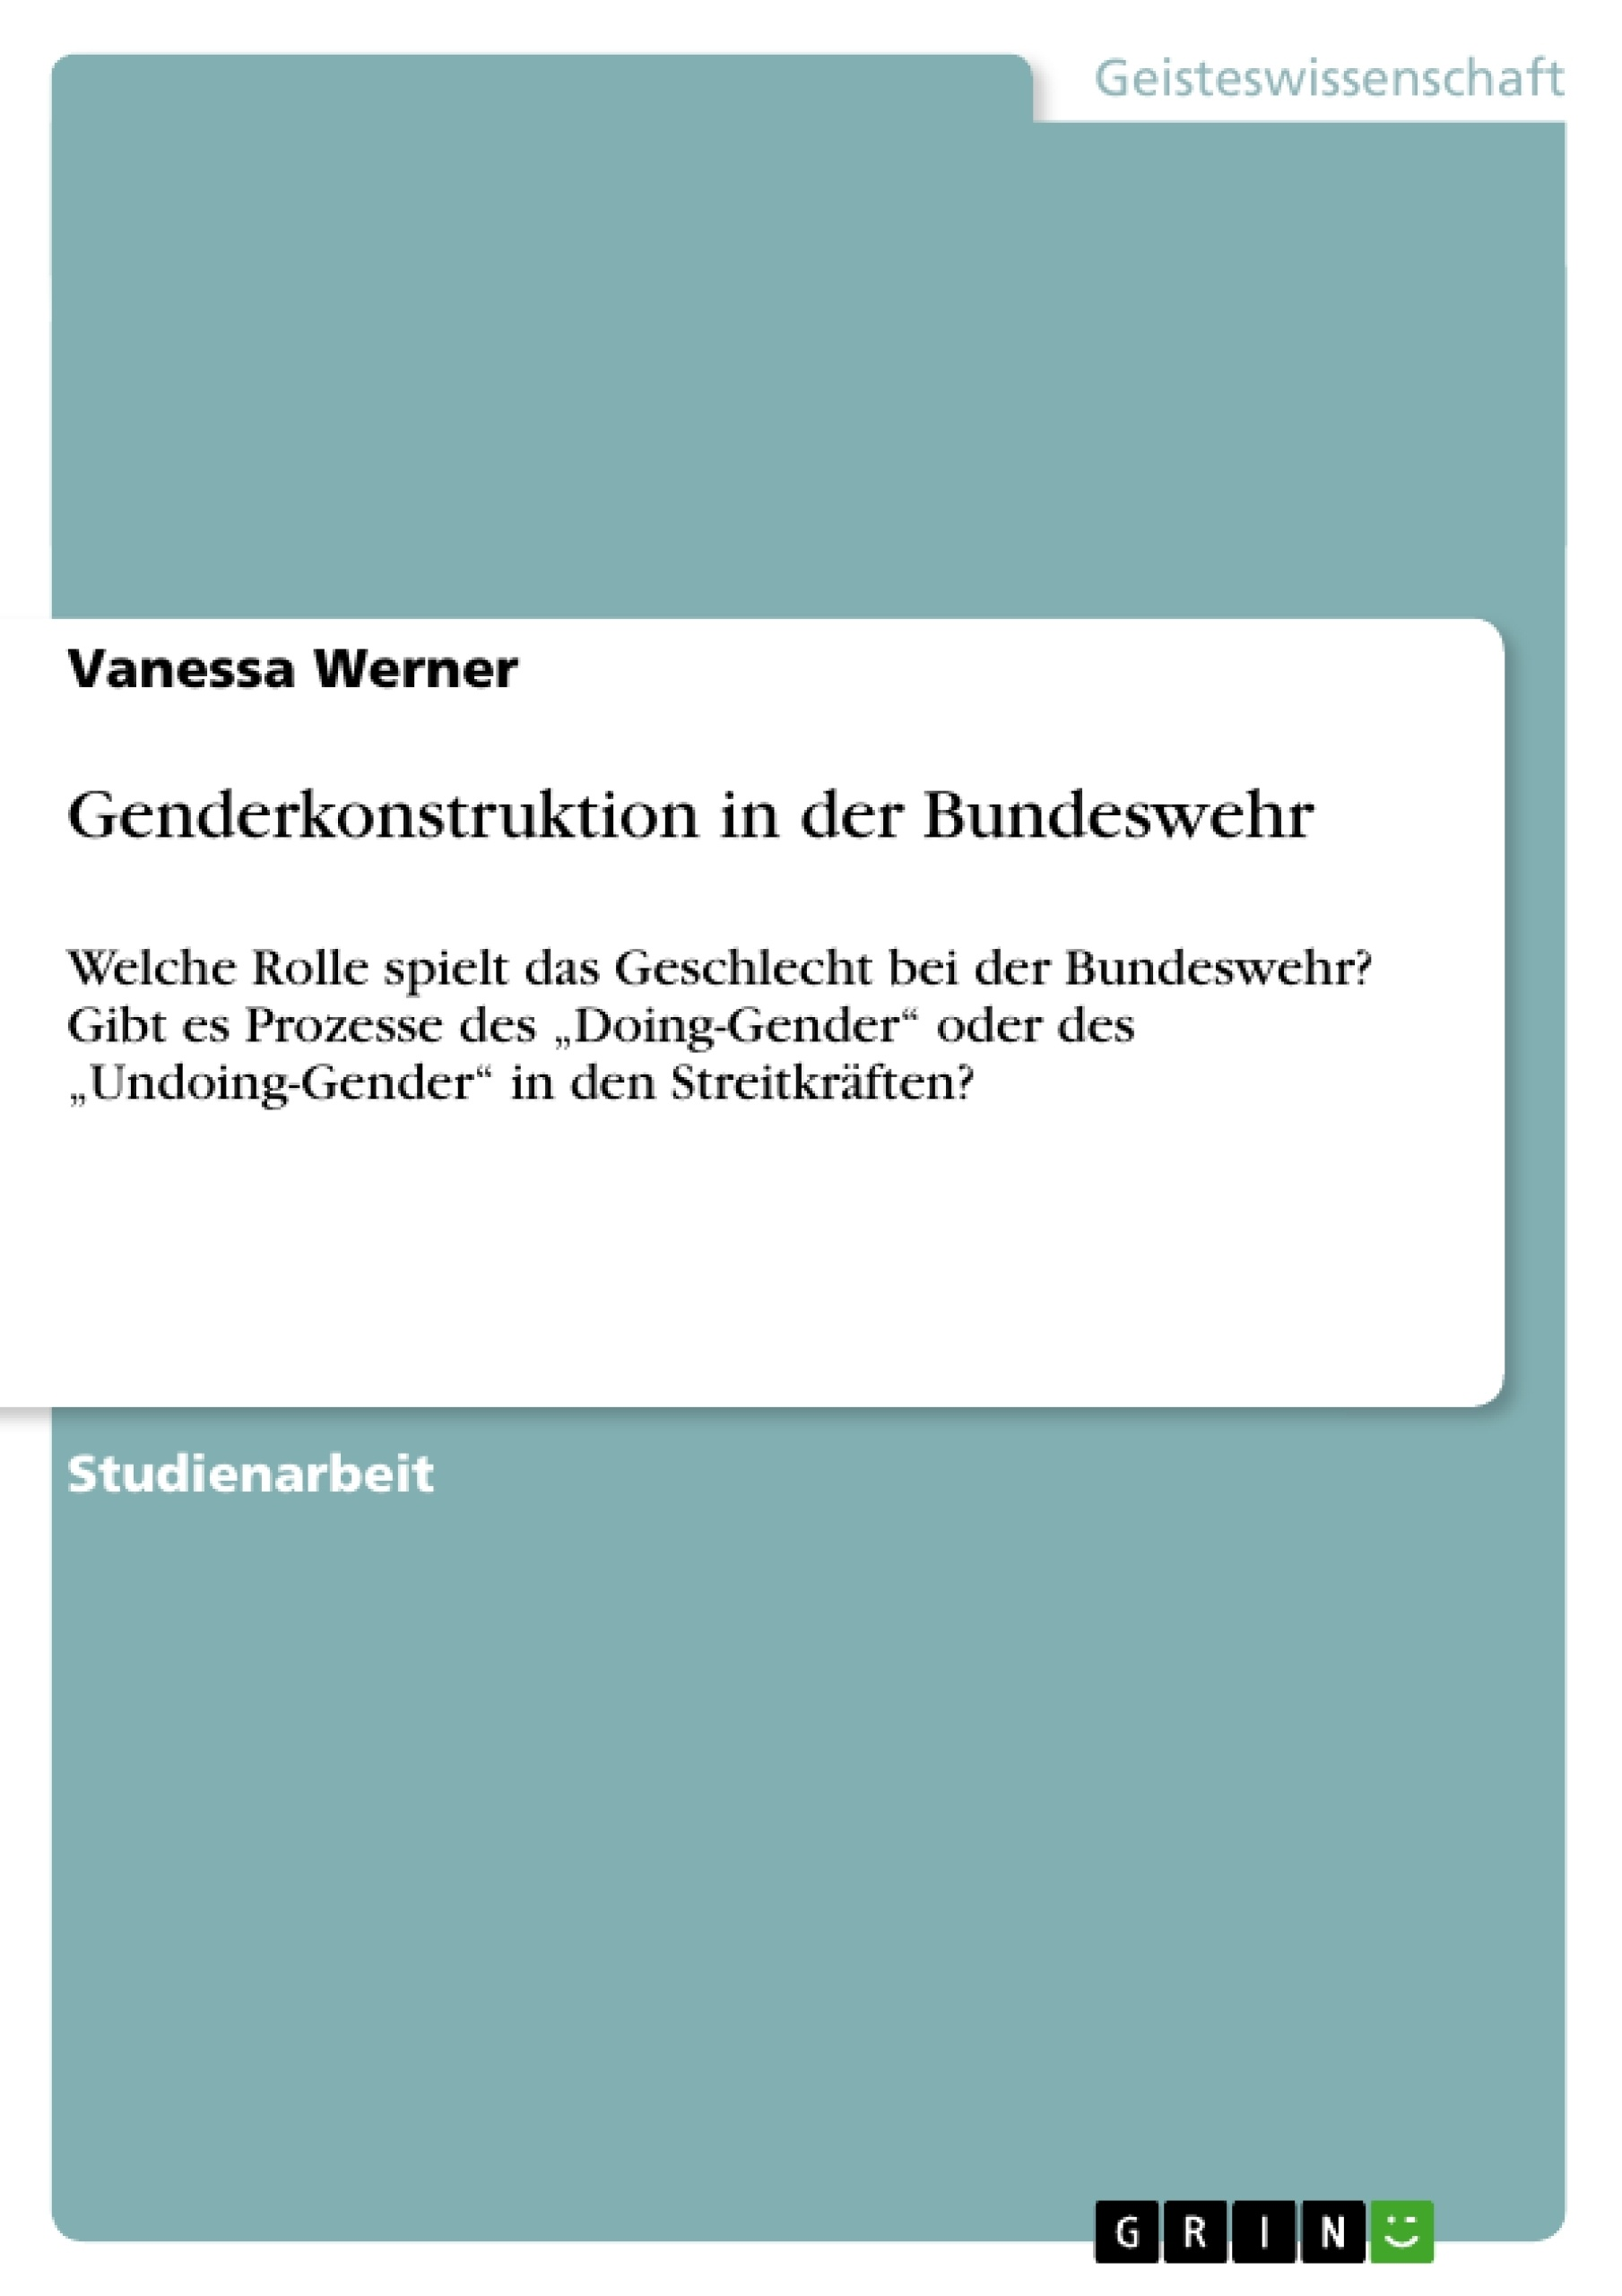 Titel: Genderkonstruktion in der Bundeswehr